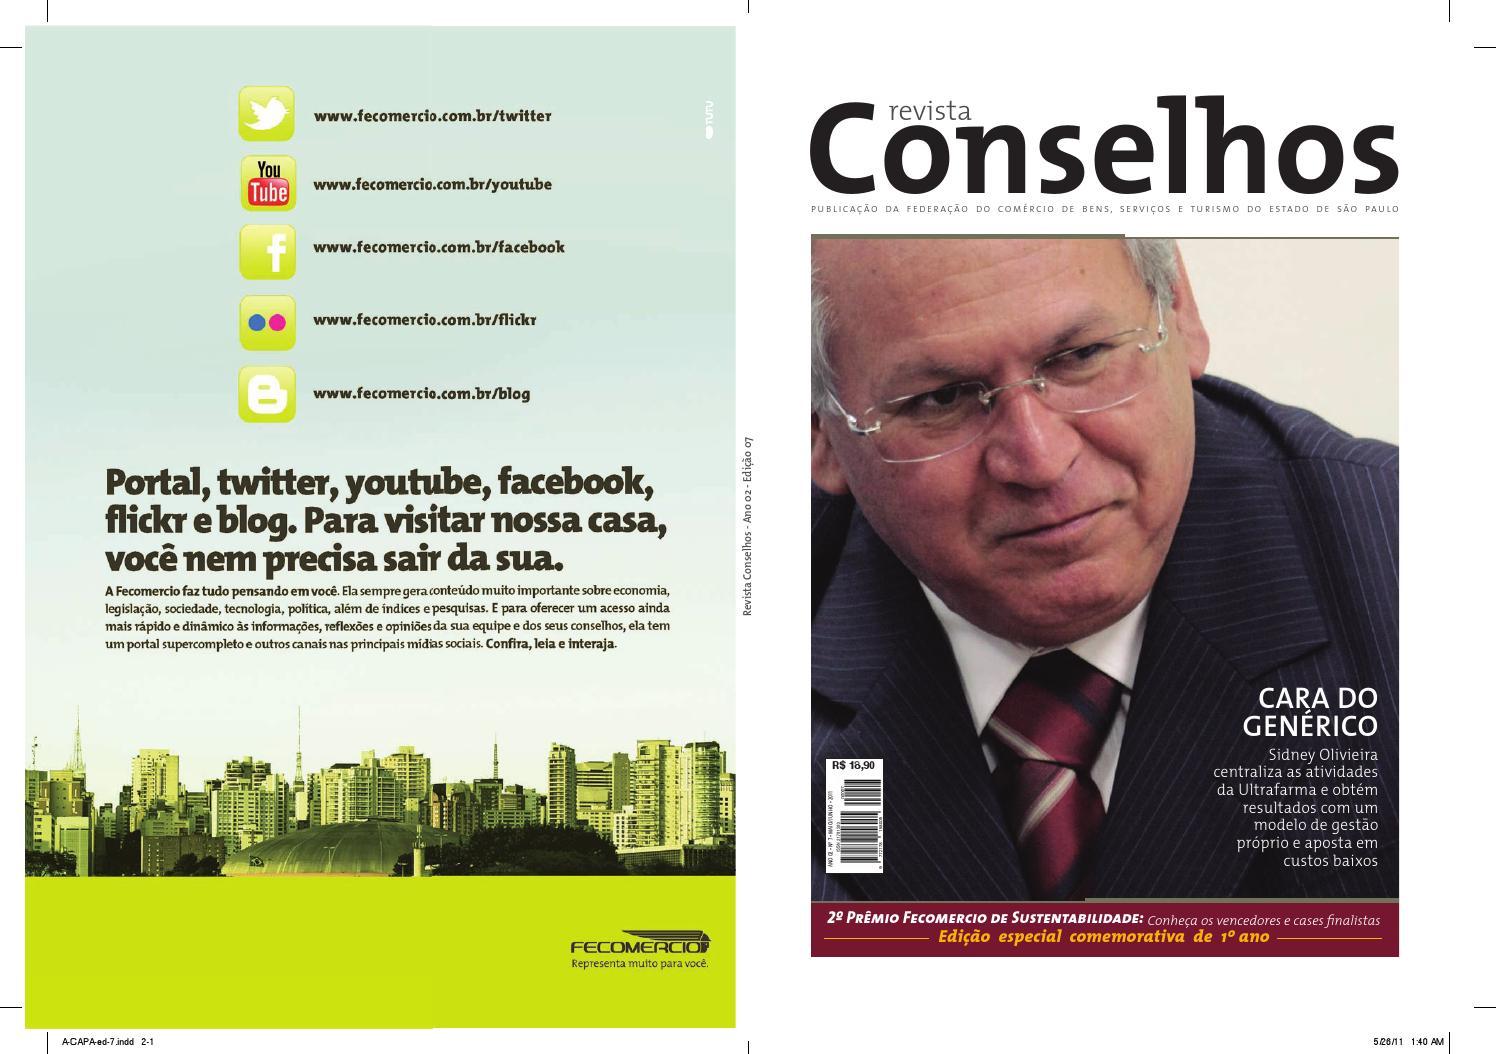 Revista Conselhos - Edição 7 (Maio Junho 2011) by Enzo Bertolini - issuu 52eed4c946